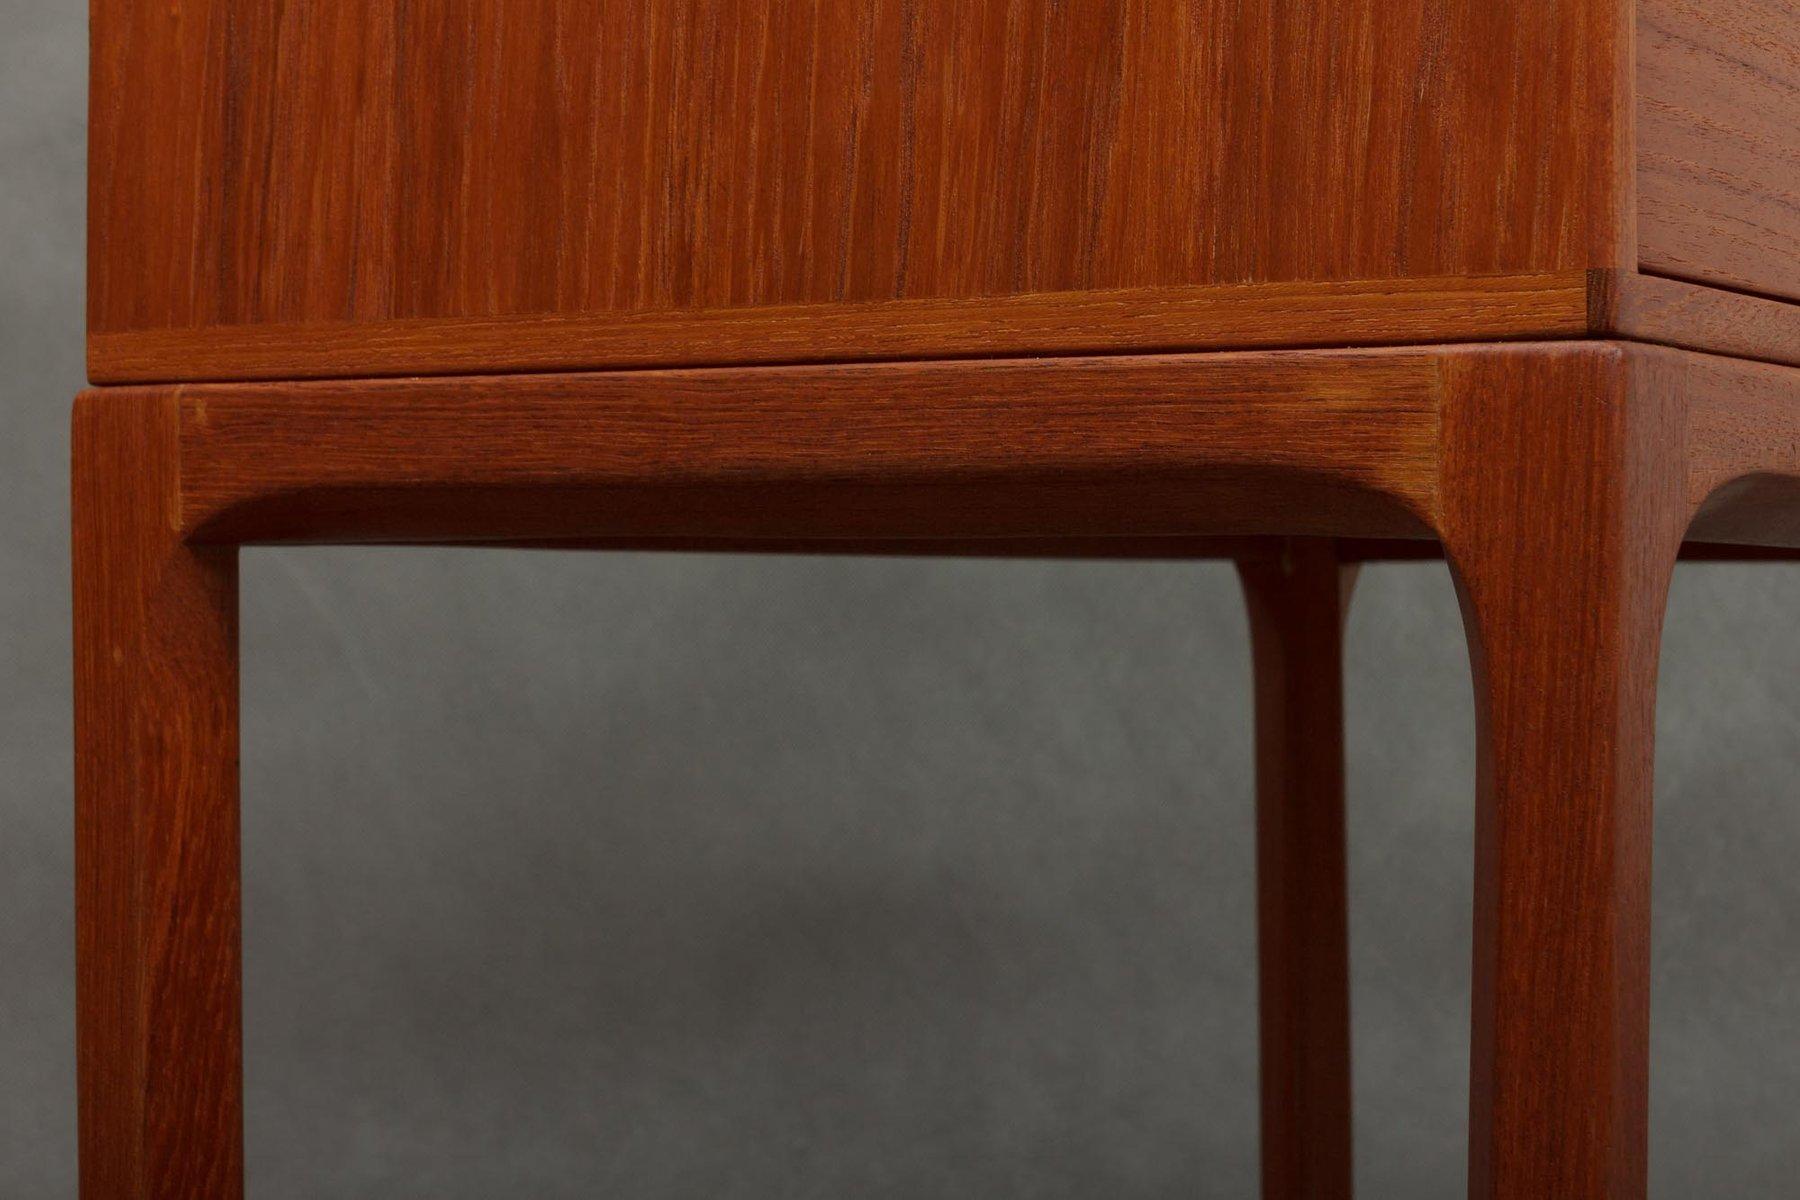 spiegel kleine kommode aus teak von aksel kjersgaard f r. Black Bedroom Furniture Sets. Home Design Ideas